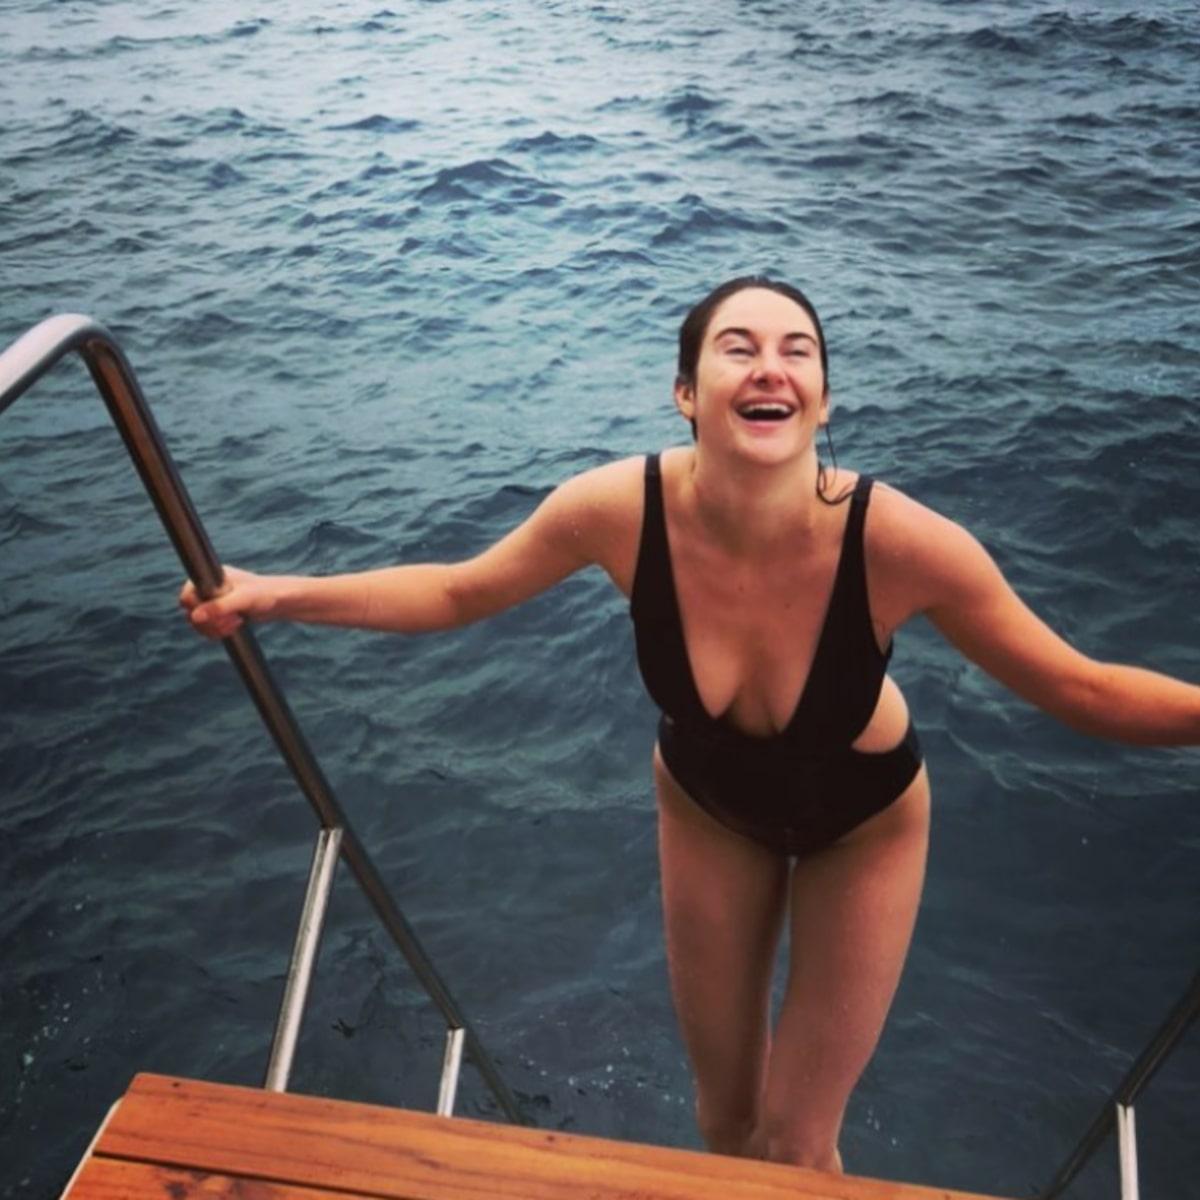 Woodley bikini shailene 49 Hottest